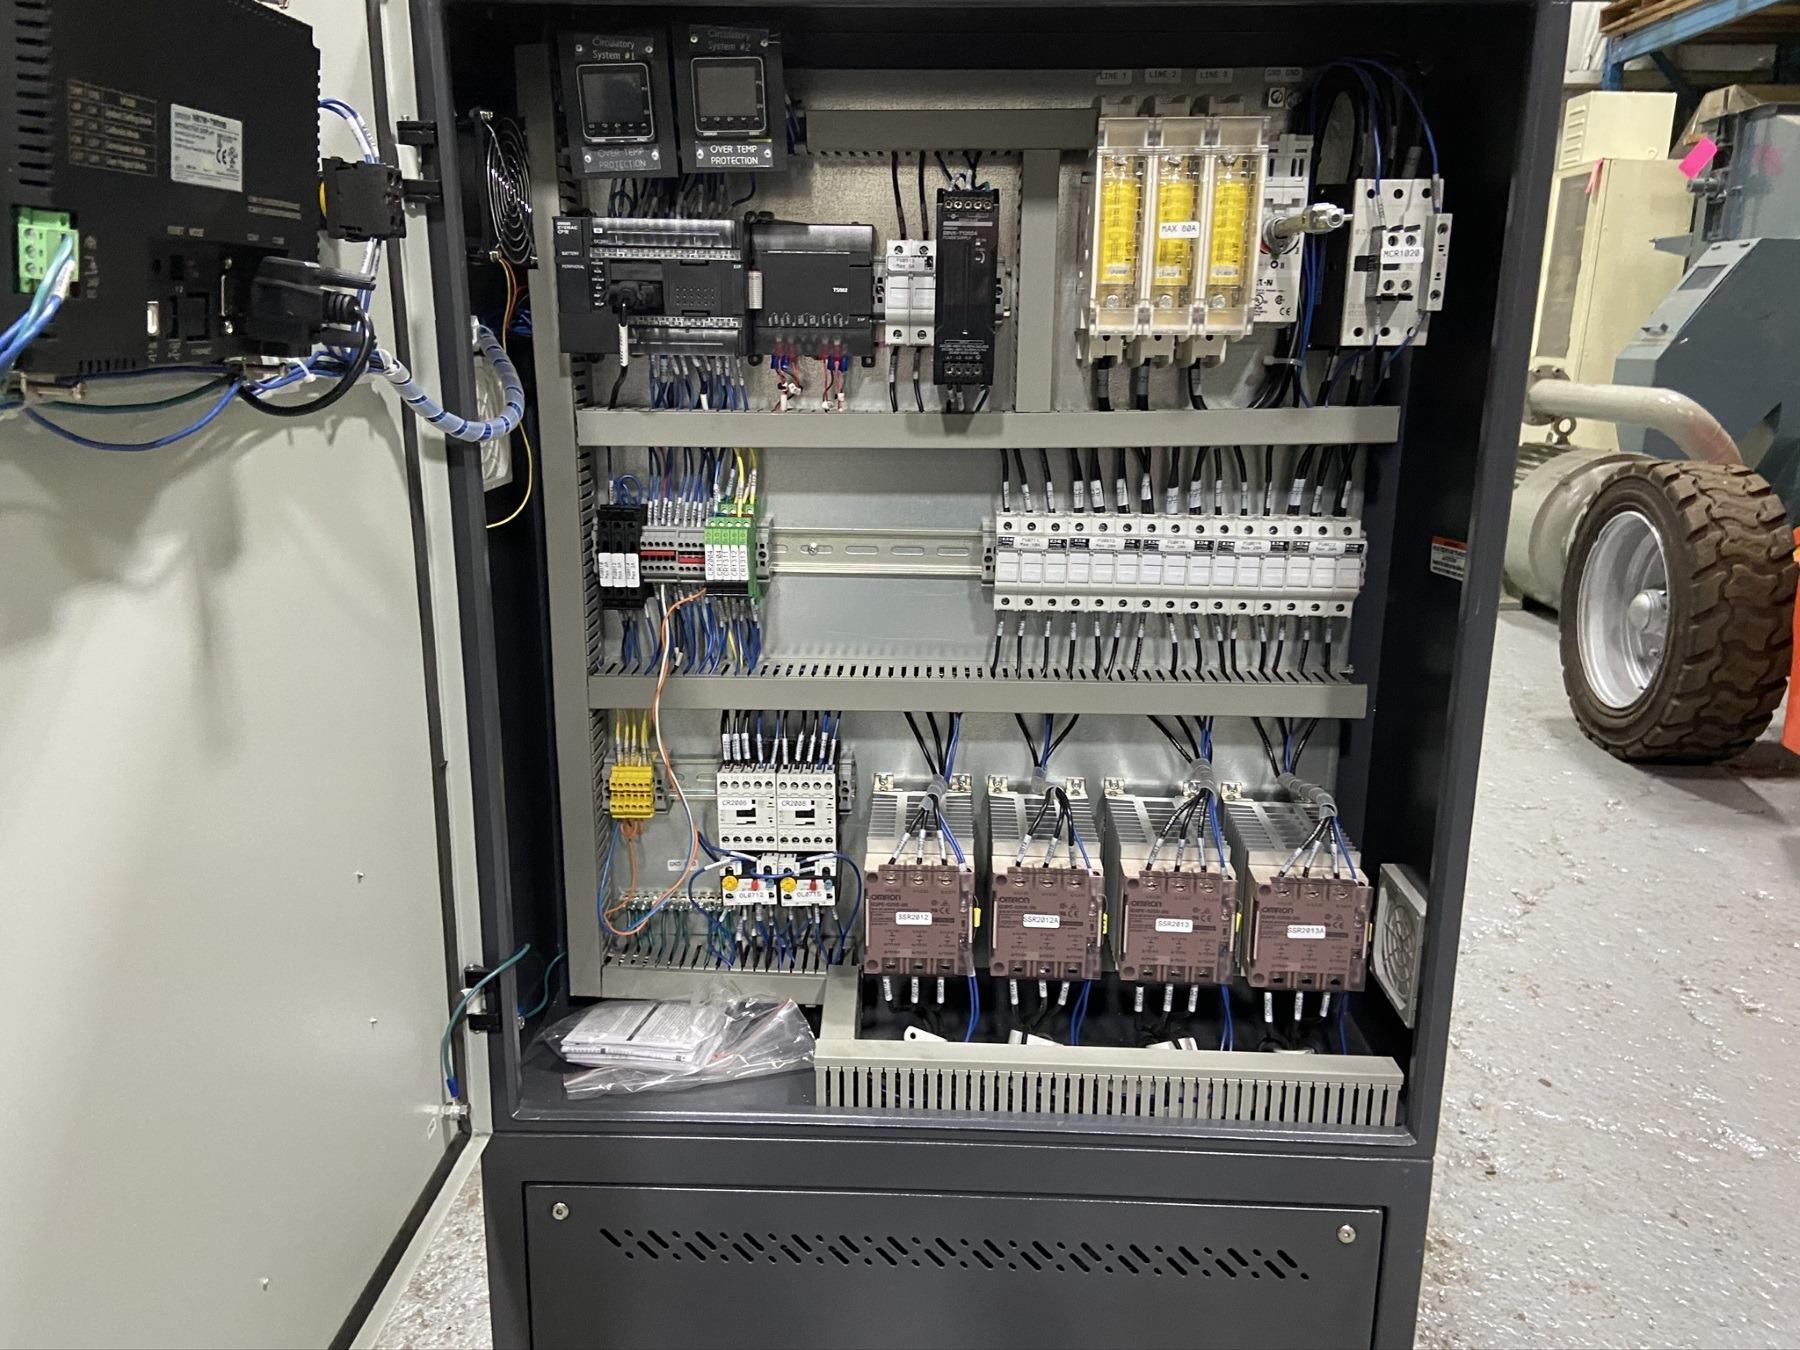 New MetalPress Hot Oil Temperature Control Unit #4556